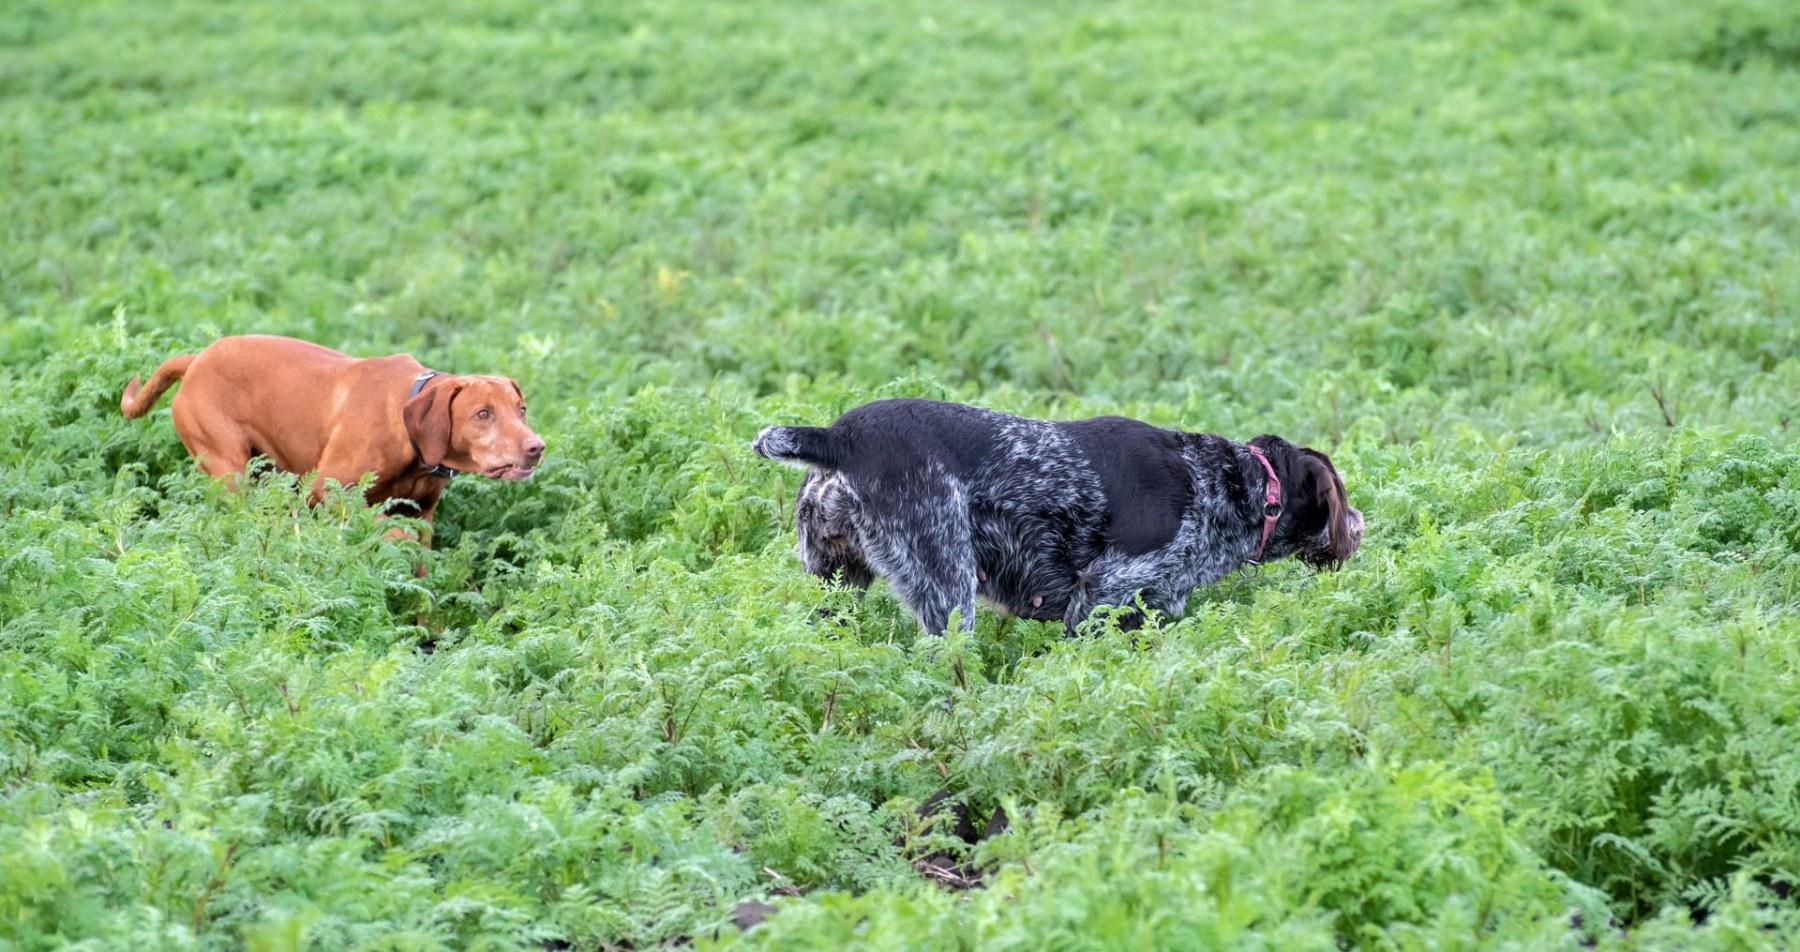 Falknerhunde sekundieren, wenn sie Wild vorstehen